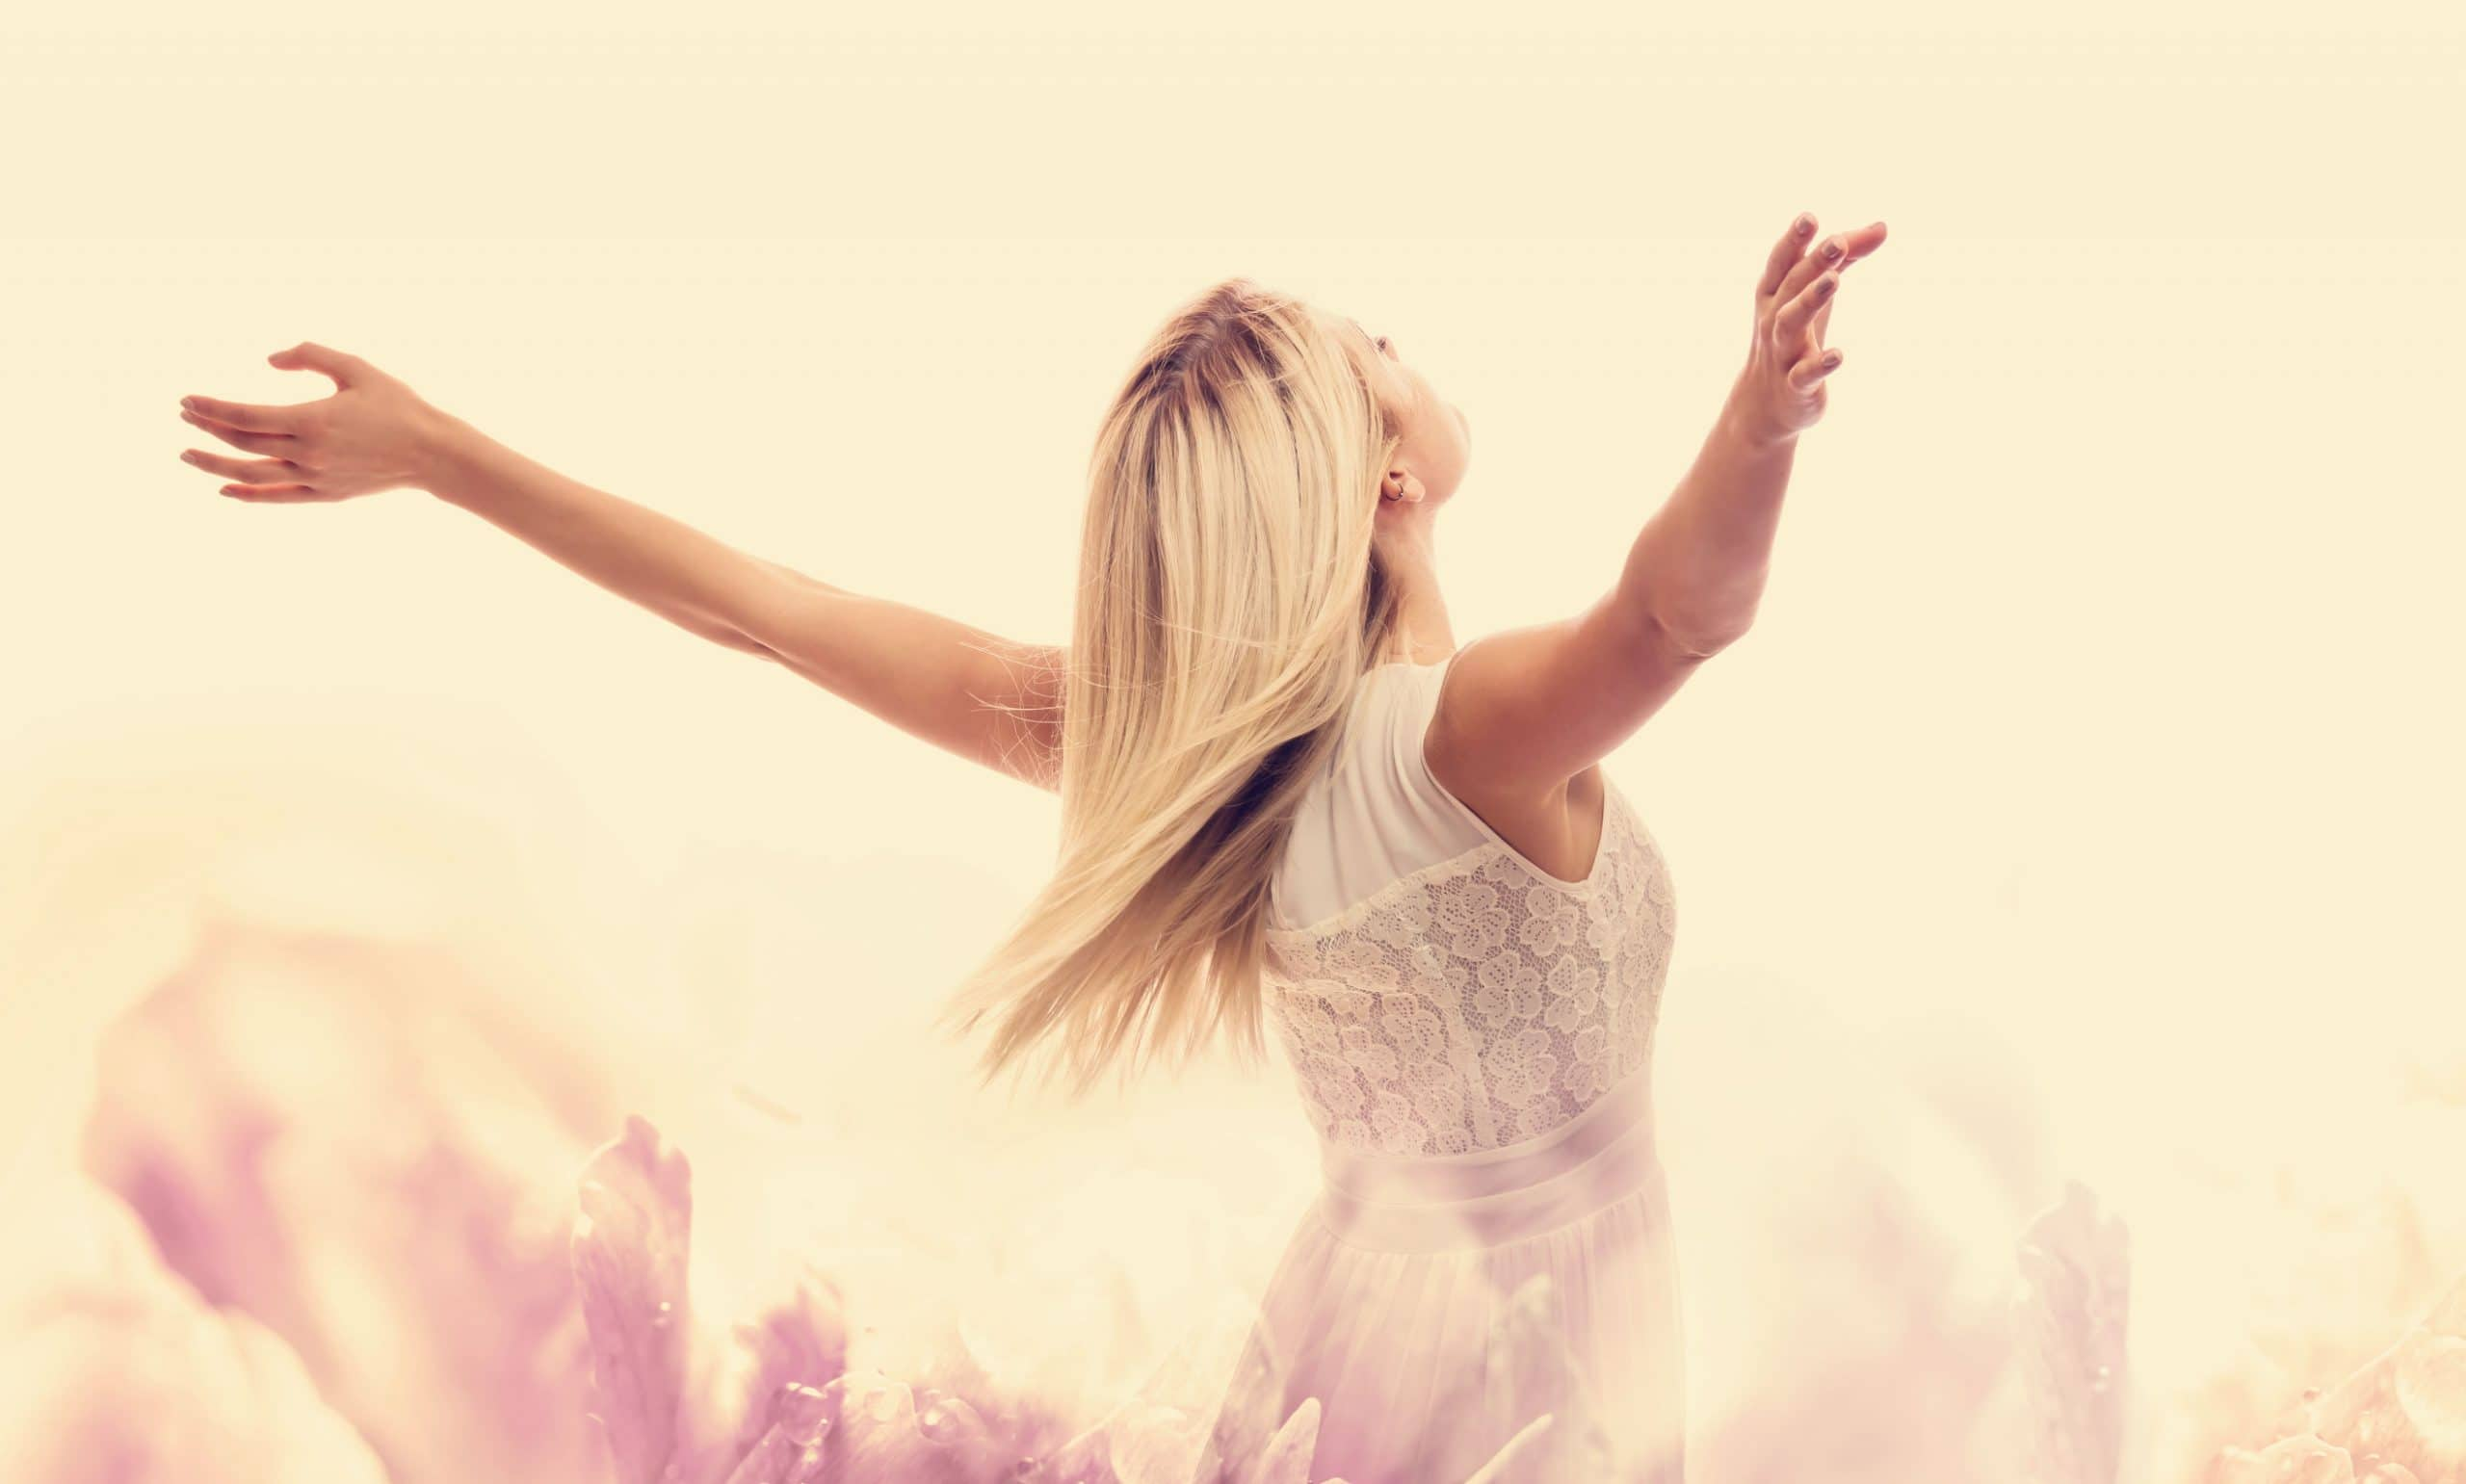 mulher bonita, desfrutando de sua liberdade com os braços abertos no meio de um campo de vegetação.